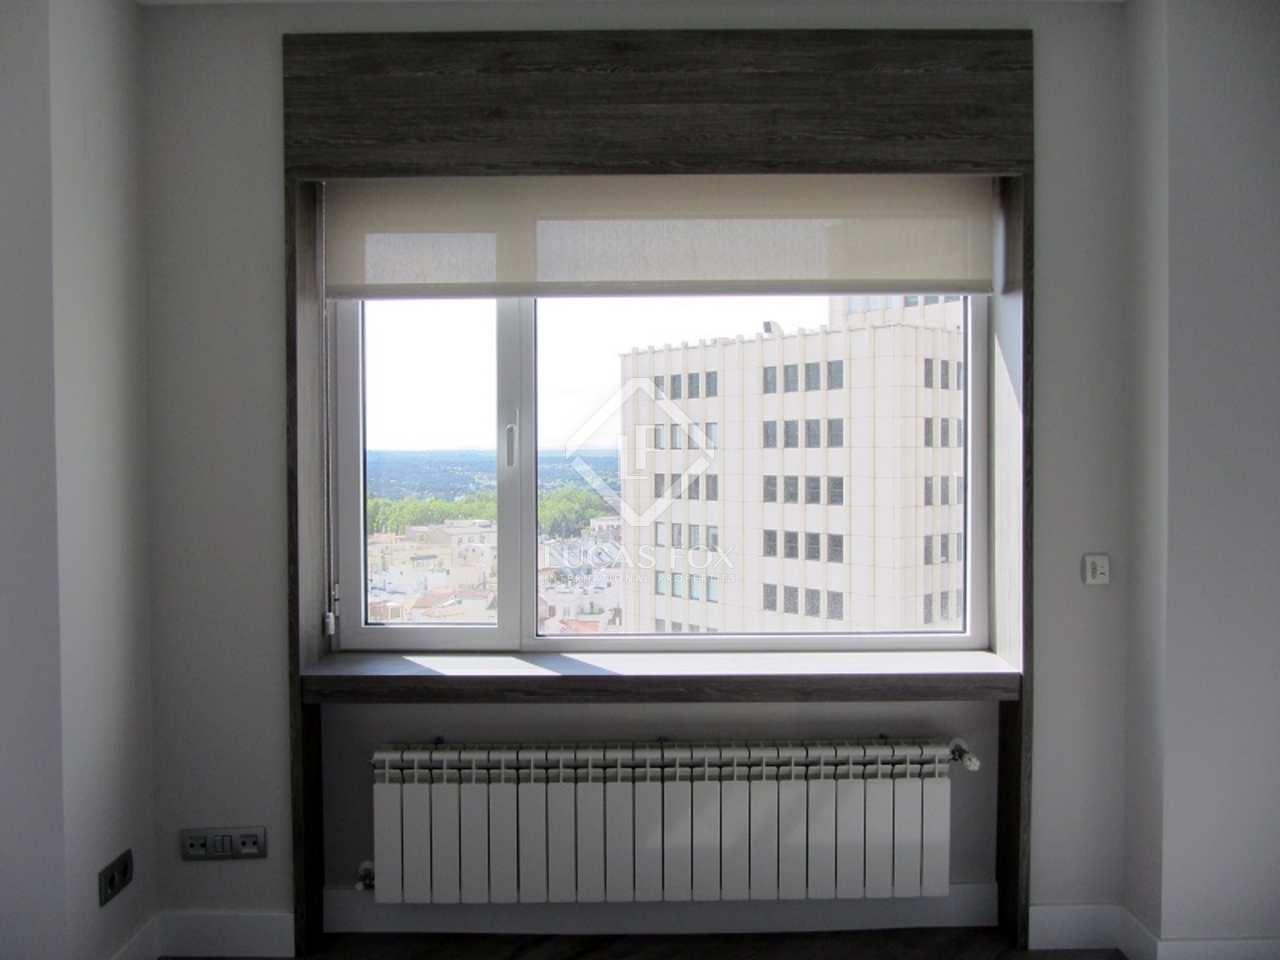 Apartamentos en alquiler en el centro de madrid for Alquilar un apartamento en sevilla